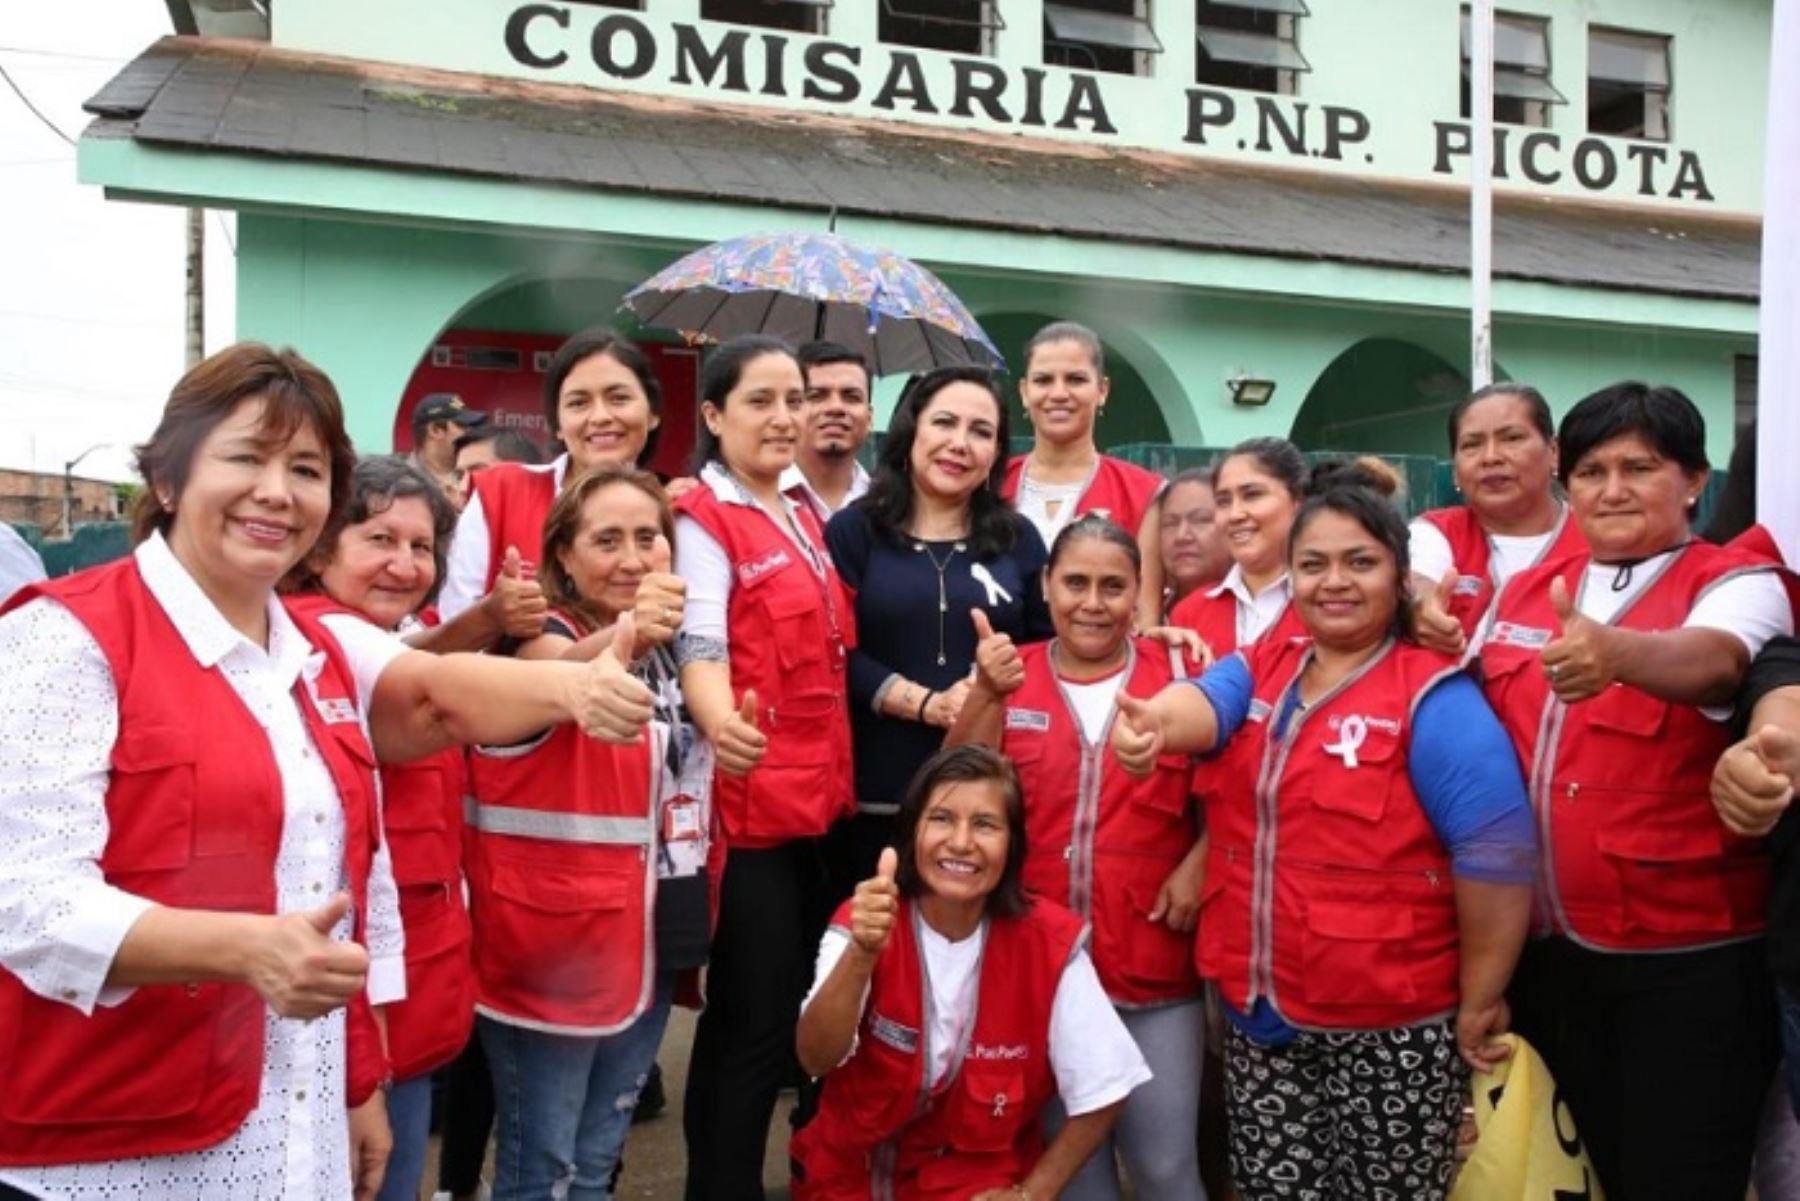 En lo que va del año la región San Martín registró 4 víctimas con características de feminicidio y 14 casos de tentativa de feminicidio.